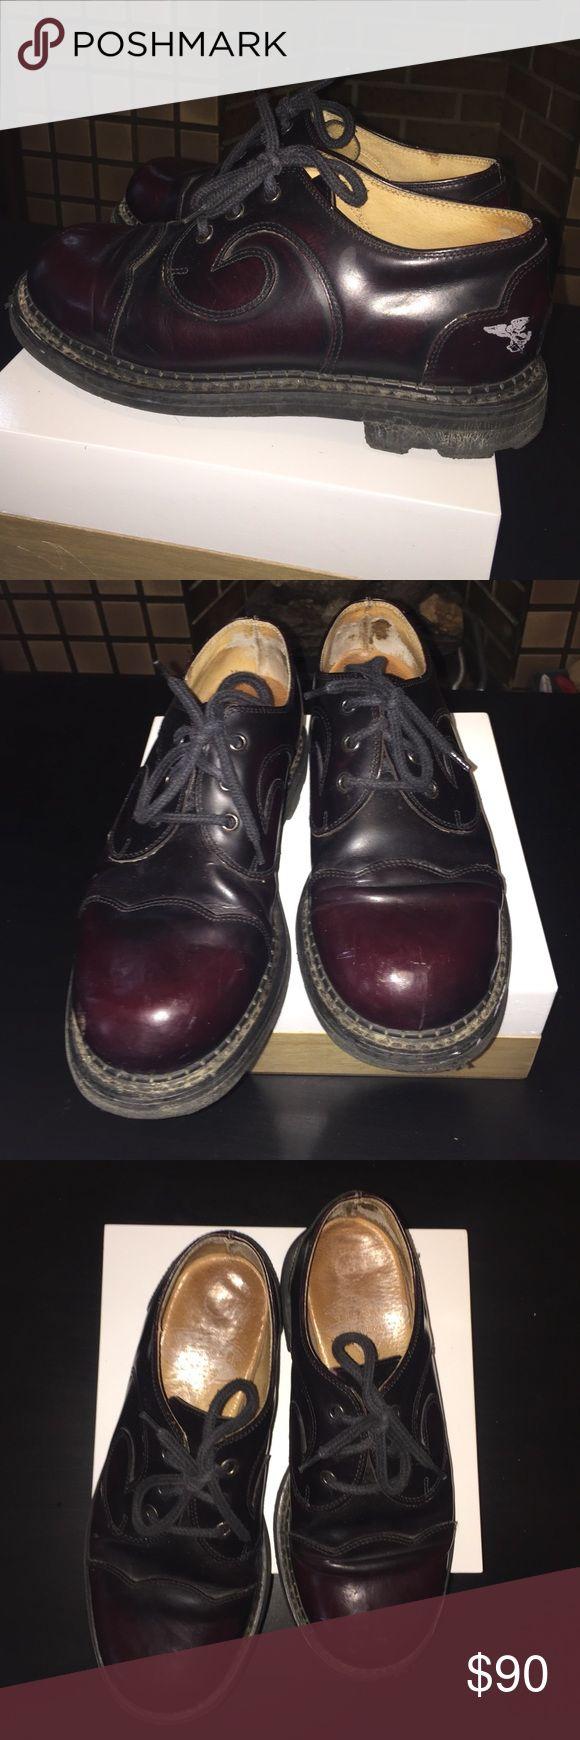 John Fluevog Angel Swirl Oxblood Oxfords Lightly worn John Fluevog Angel 7th Heaven Swirl 3-hole oxfords. Deep oxblood color. White Fluevog insignia on heel. Men's 8, equivalent to a women's 10.5 or 11. John Fluevog Shoes Oxfords & Derbys